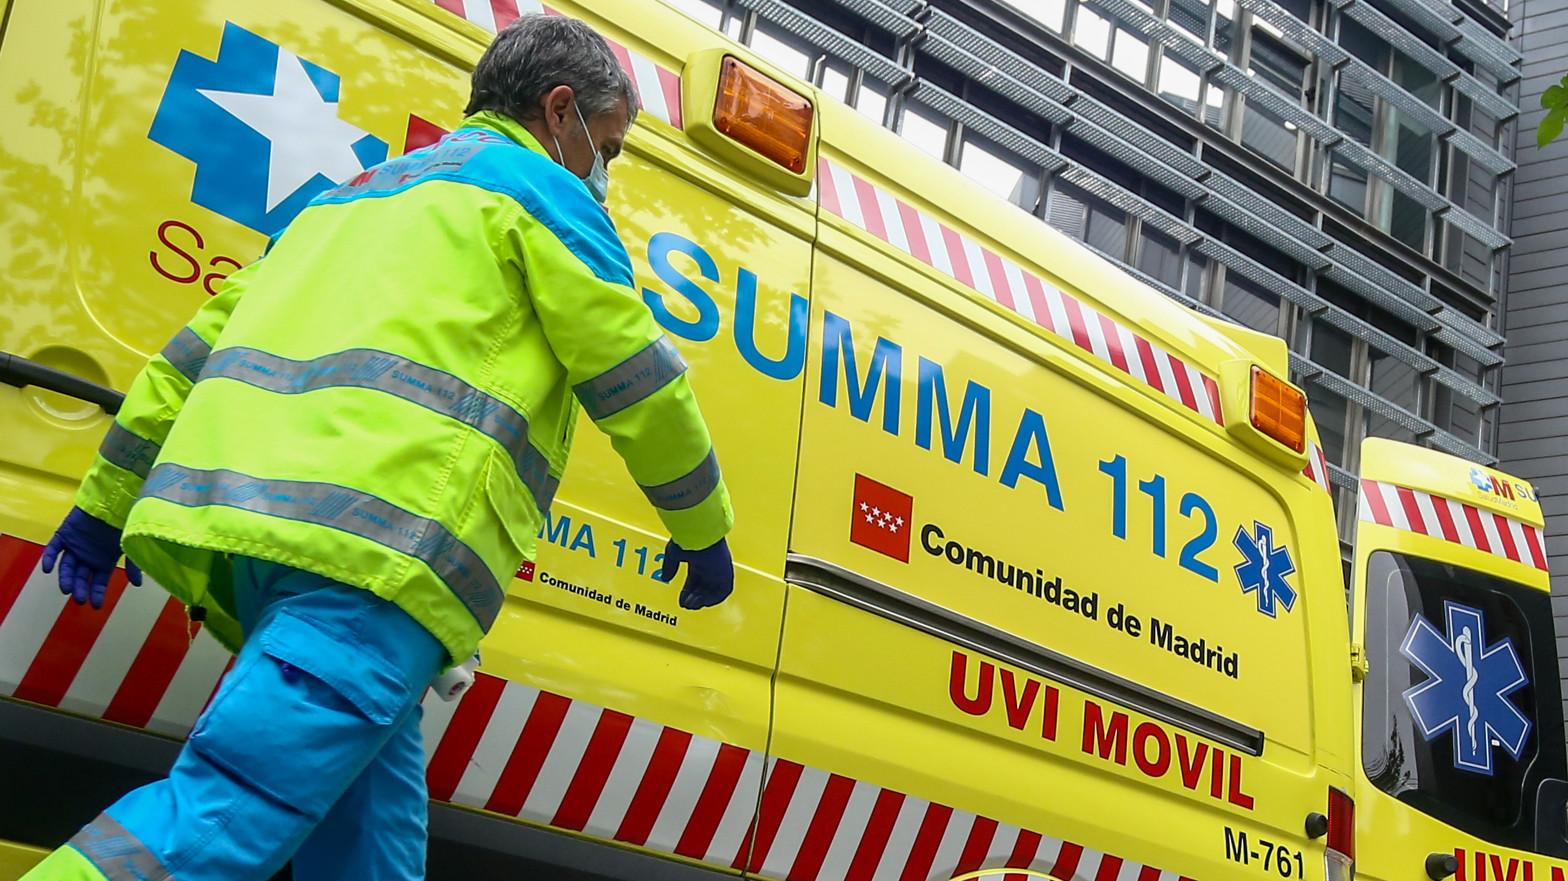 Dos heridos graves tras una explosión de un cuadro eléctrico en Fuenlabrada (Madrid)